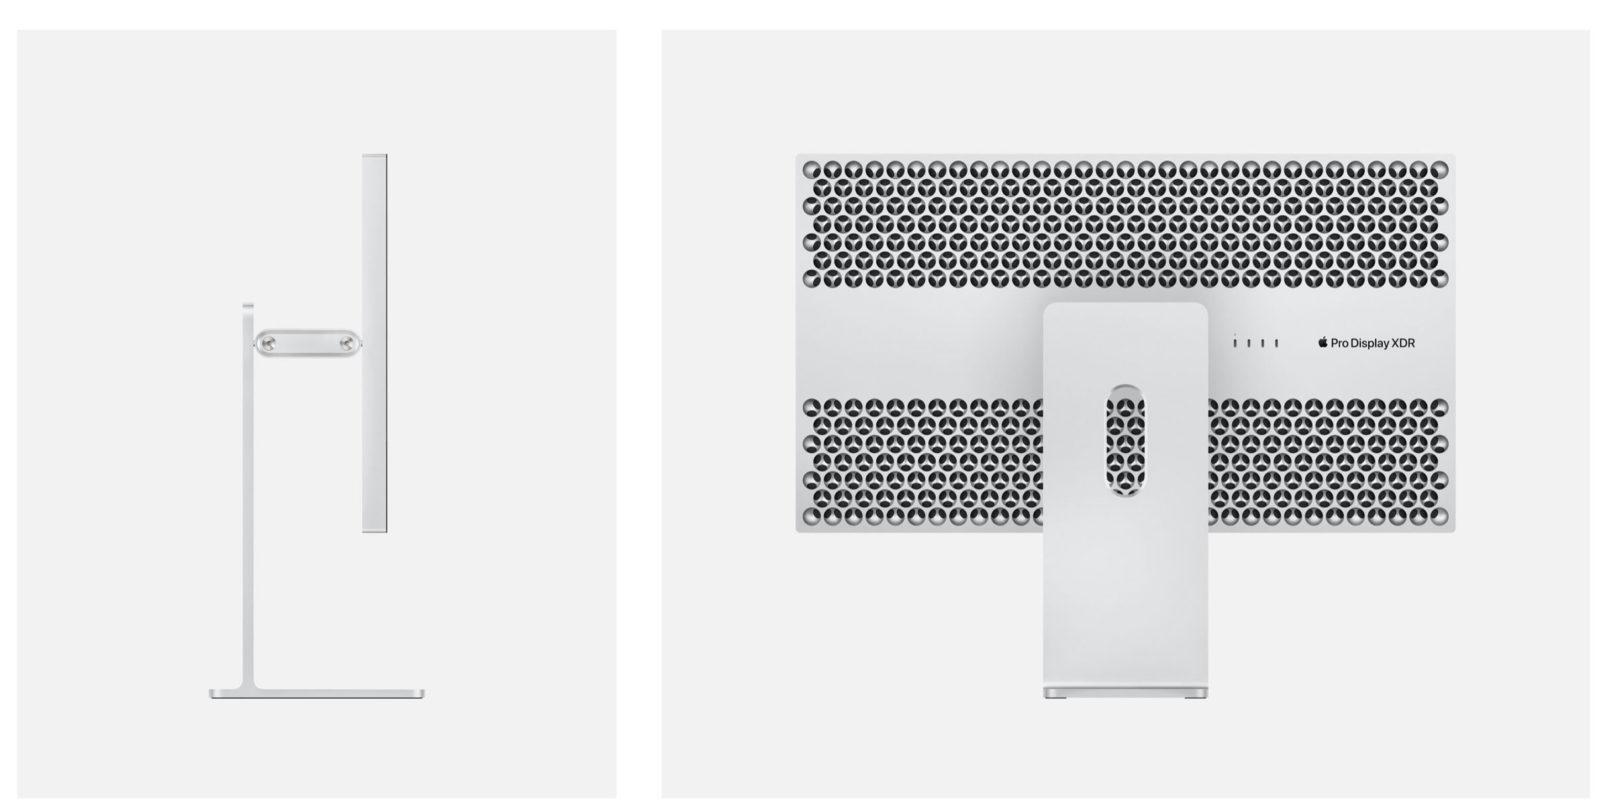 L'Apple Pro Display XDR in vetro con nanotexture deve essere pulito con un panno speciale